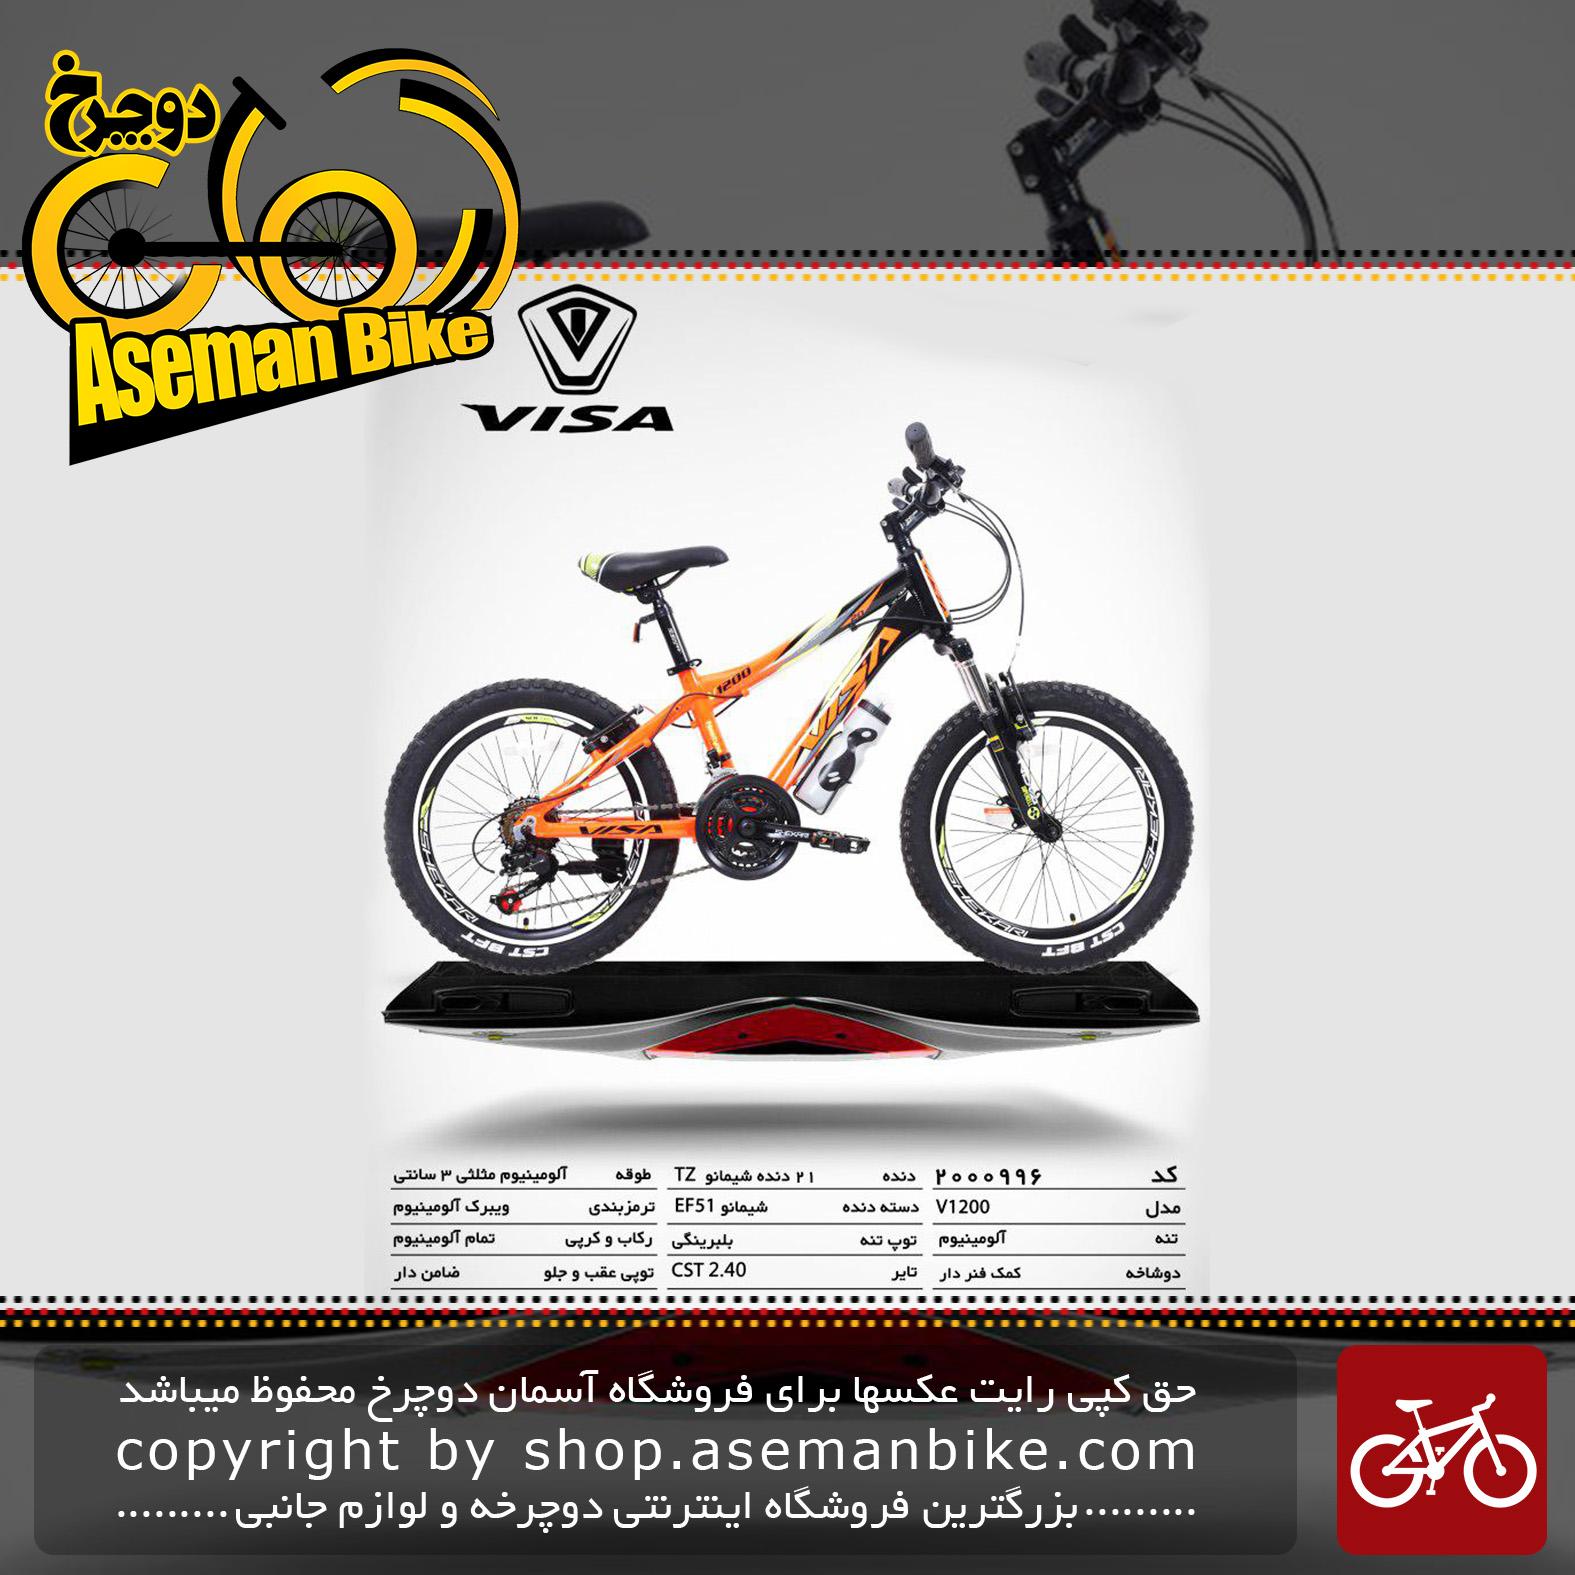 دوچرخه کوهستان ویزا21 دنده شیمانو تورنی تنه آلومینیوم سایز 20مدل وی1200 visa bicycle 20 21 speed shimano tourney tz aluminum vb v1200 2019